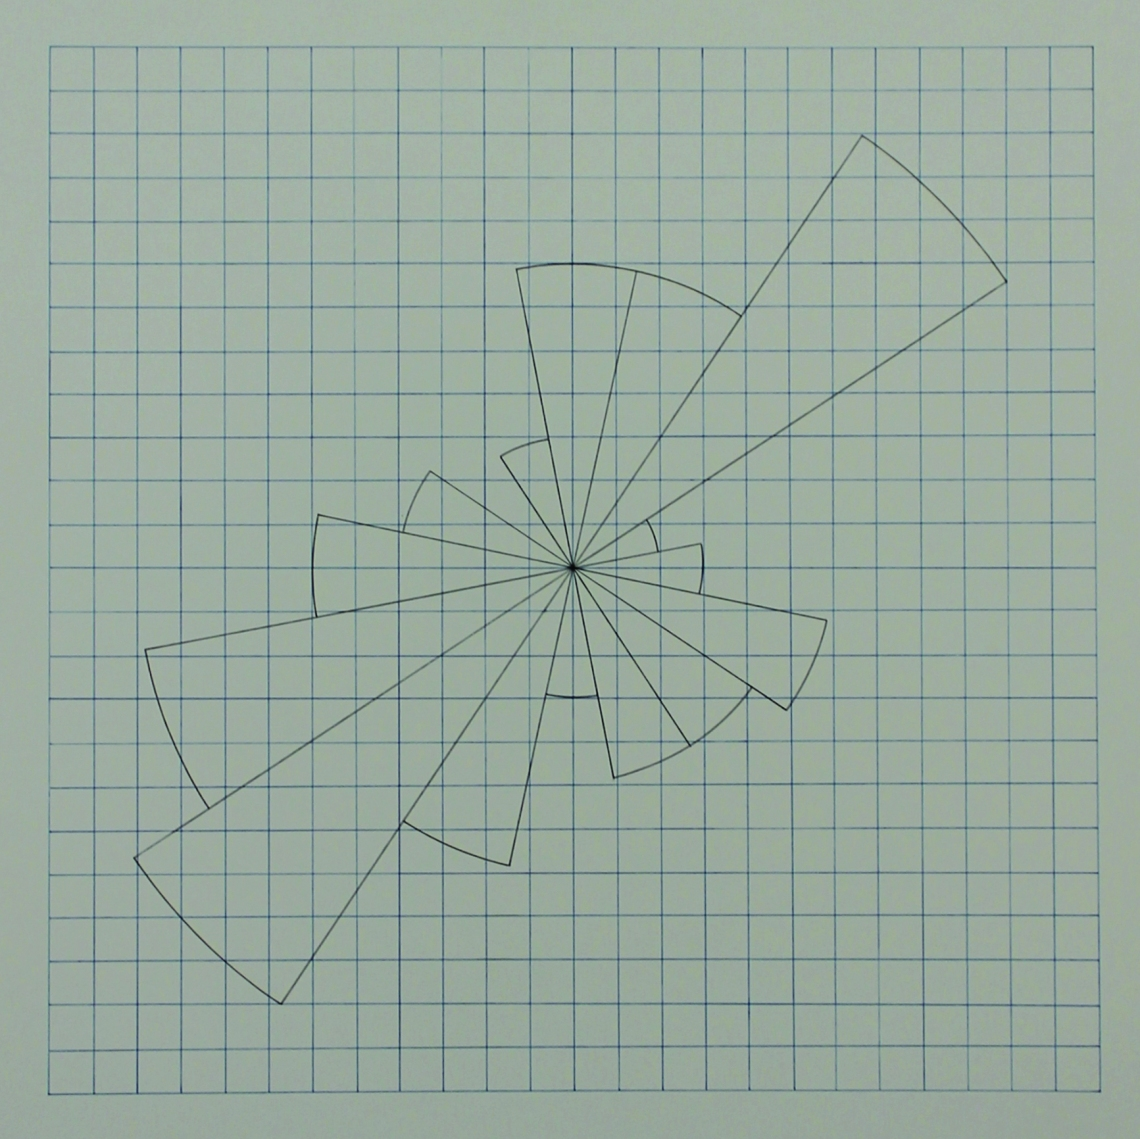 graph 3 crop